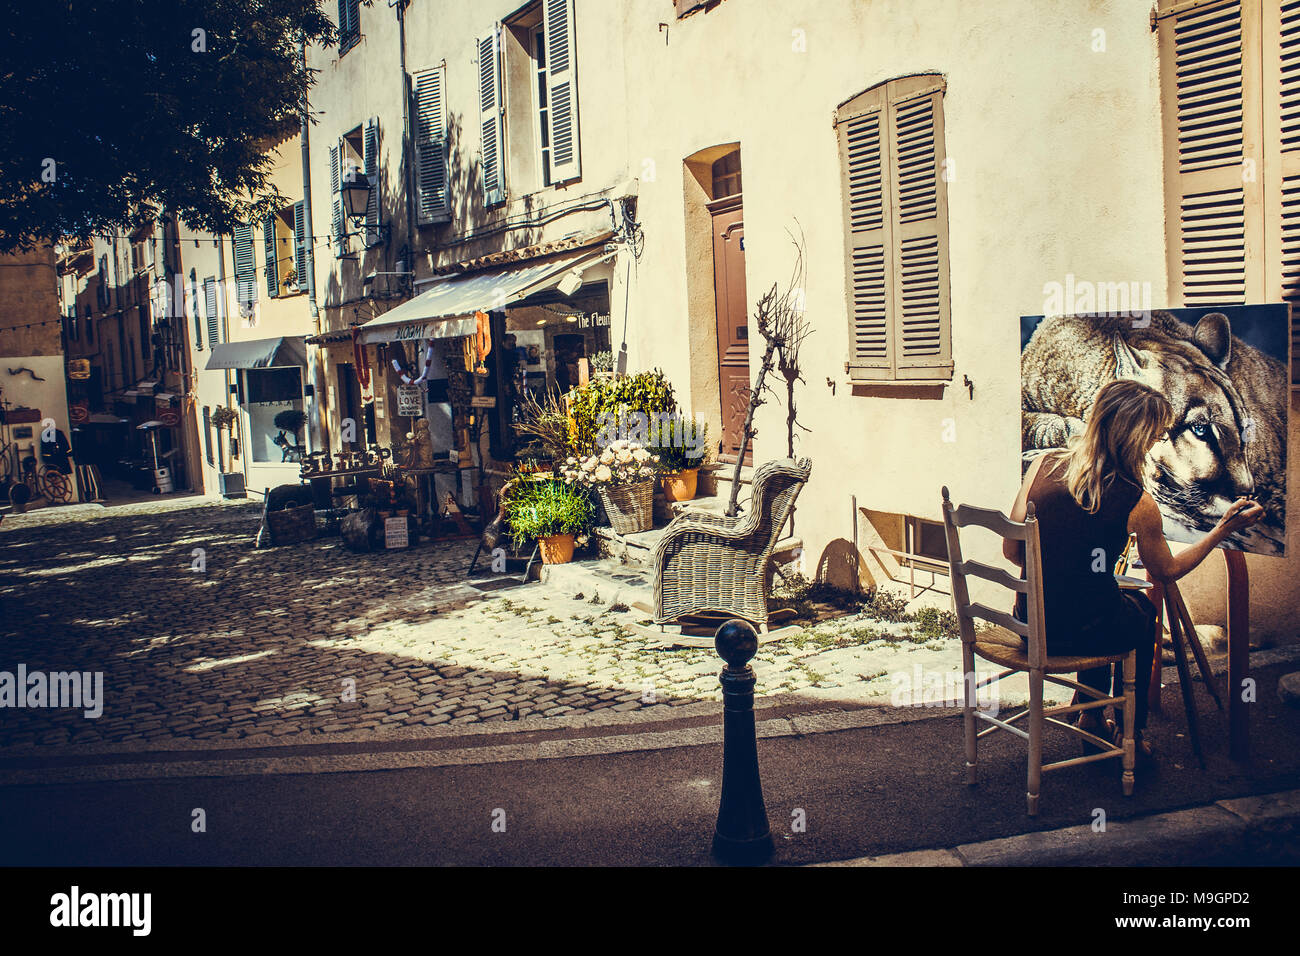 AGNES B.DAVIS peintre animalier dans l'âme - Saint-Tropez, Place de l'Ormeau 16.05.2016-9227 - Stock Image